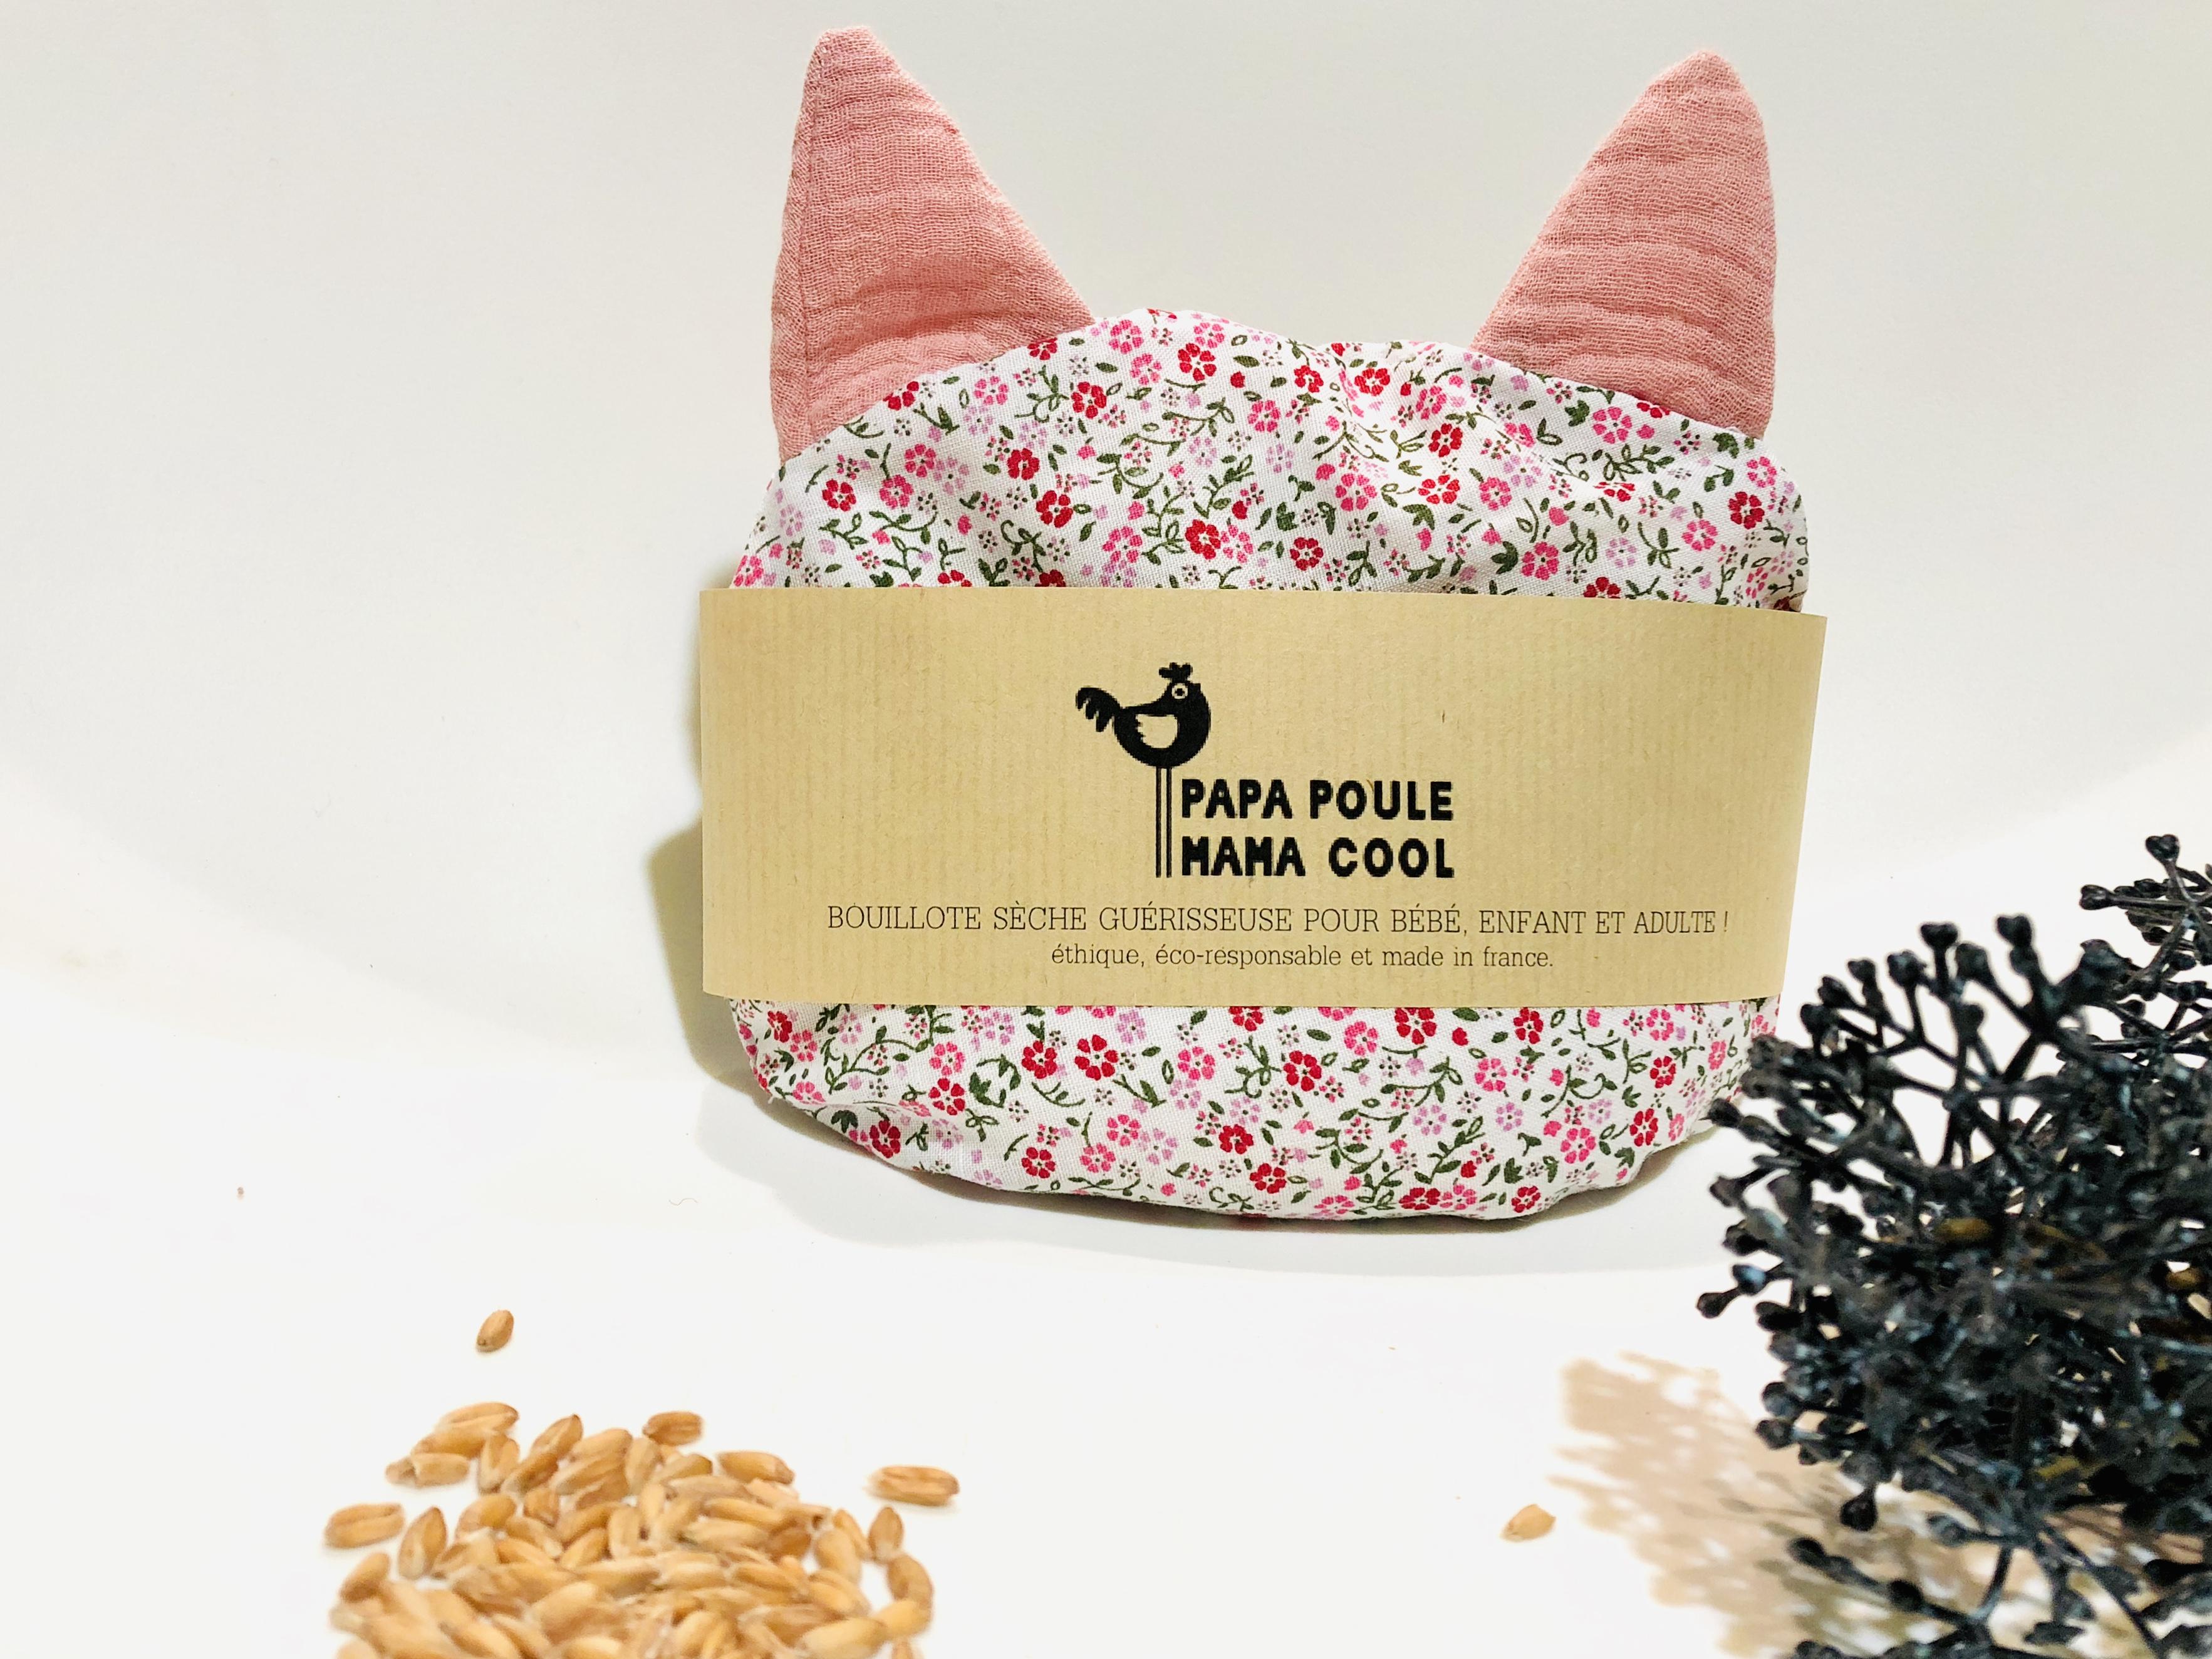 Bouillotte sèche aux graines d'épeautre bio Française et motif petit chat fleuri